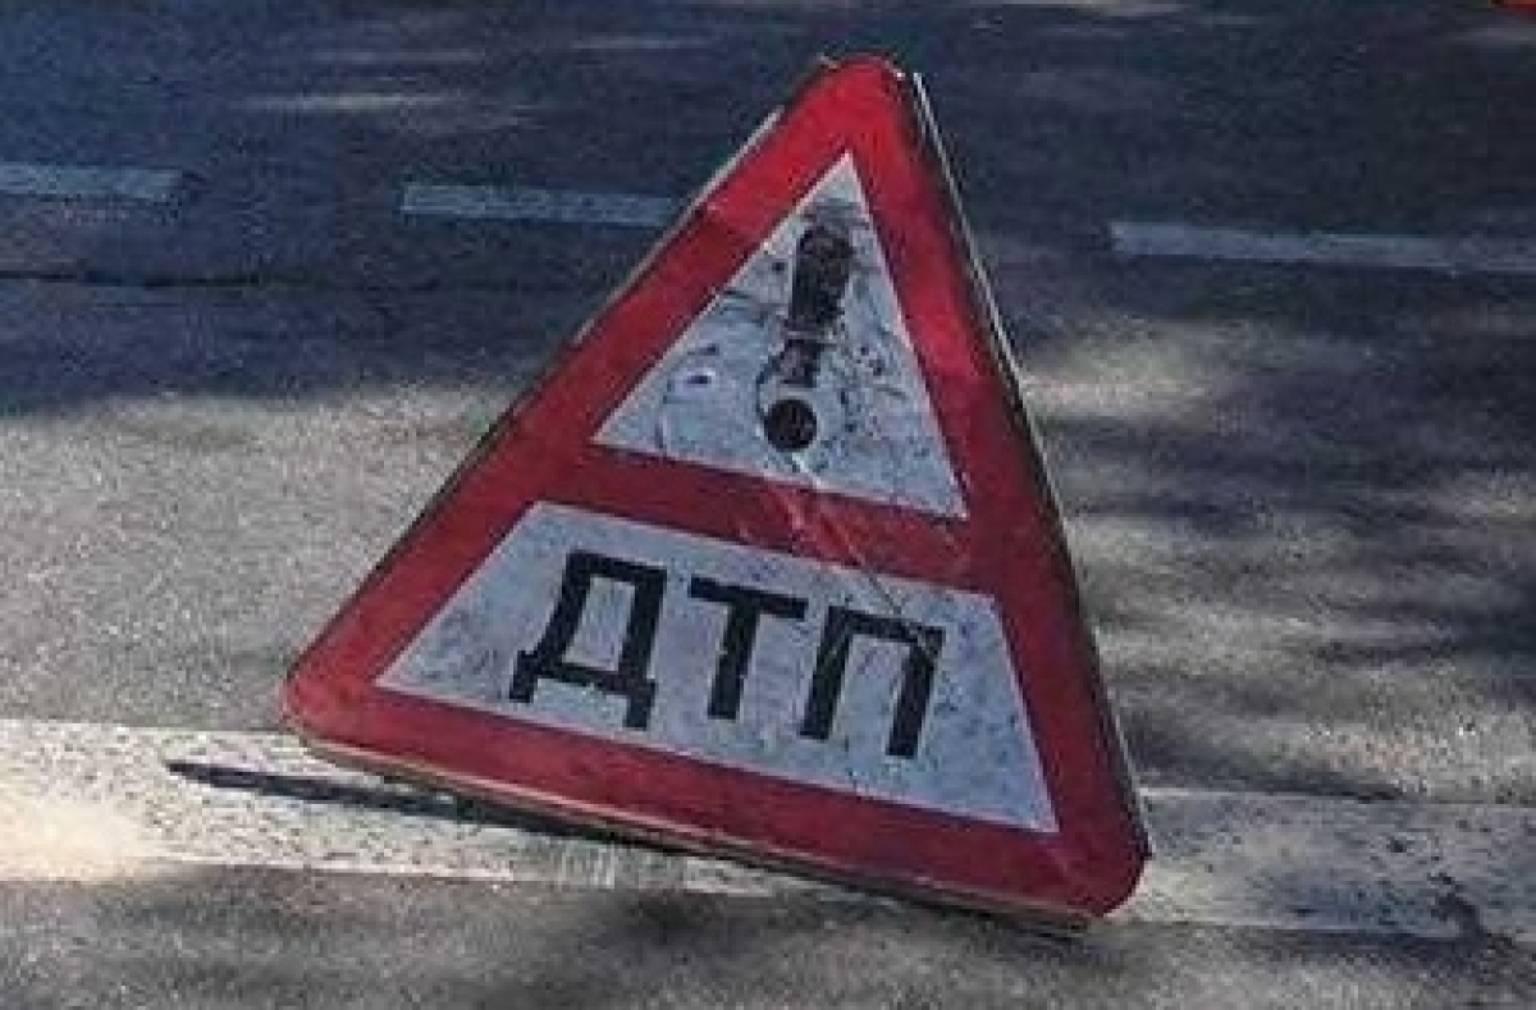 Серьезная авария в Крыму: малолетний пассажир перевернувшегося ВАЗа находится в коме